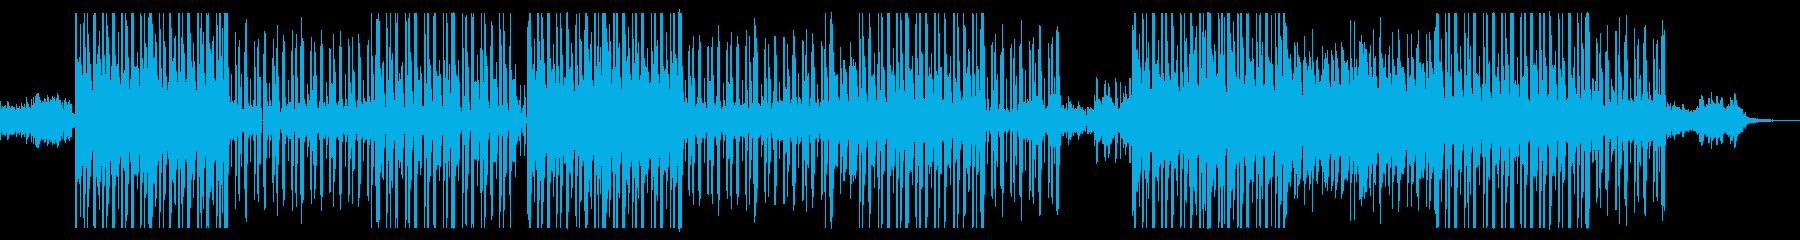 気だるいギターのオルタナ・エモトラップの再生済みの波形